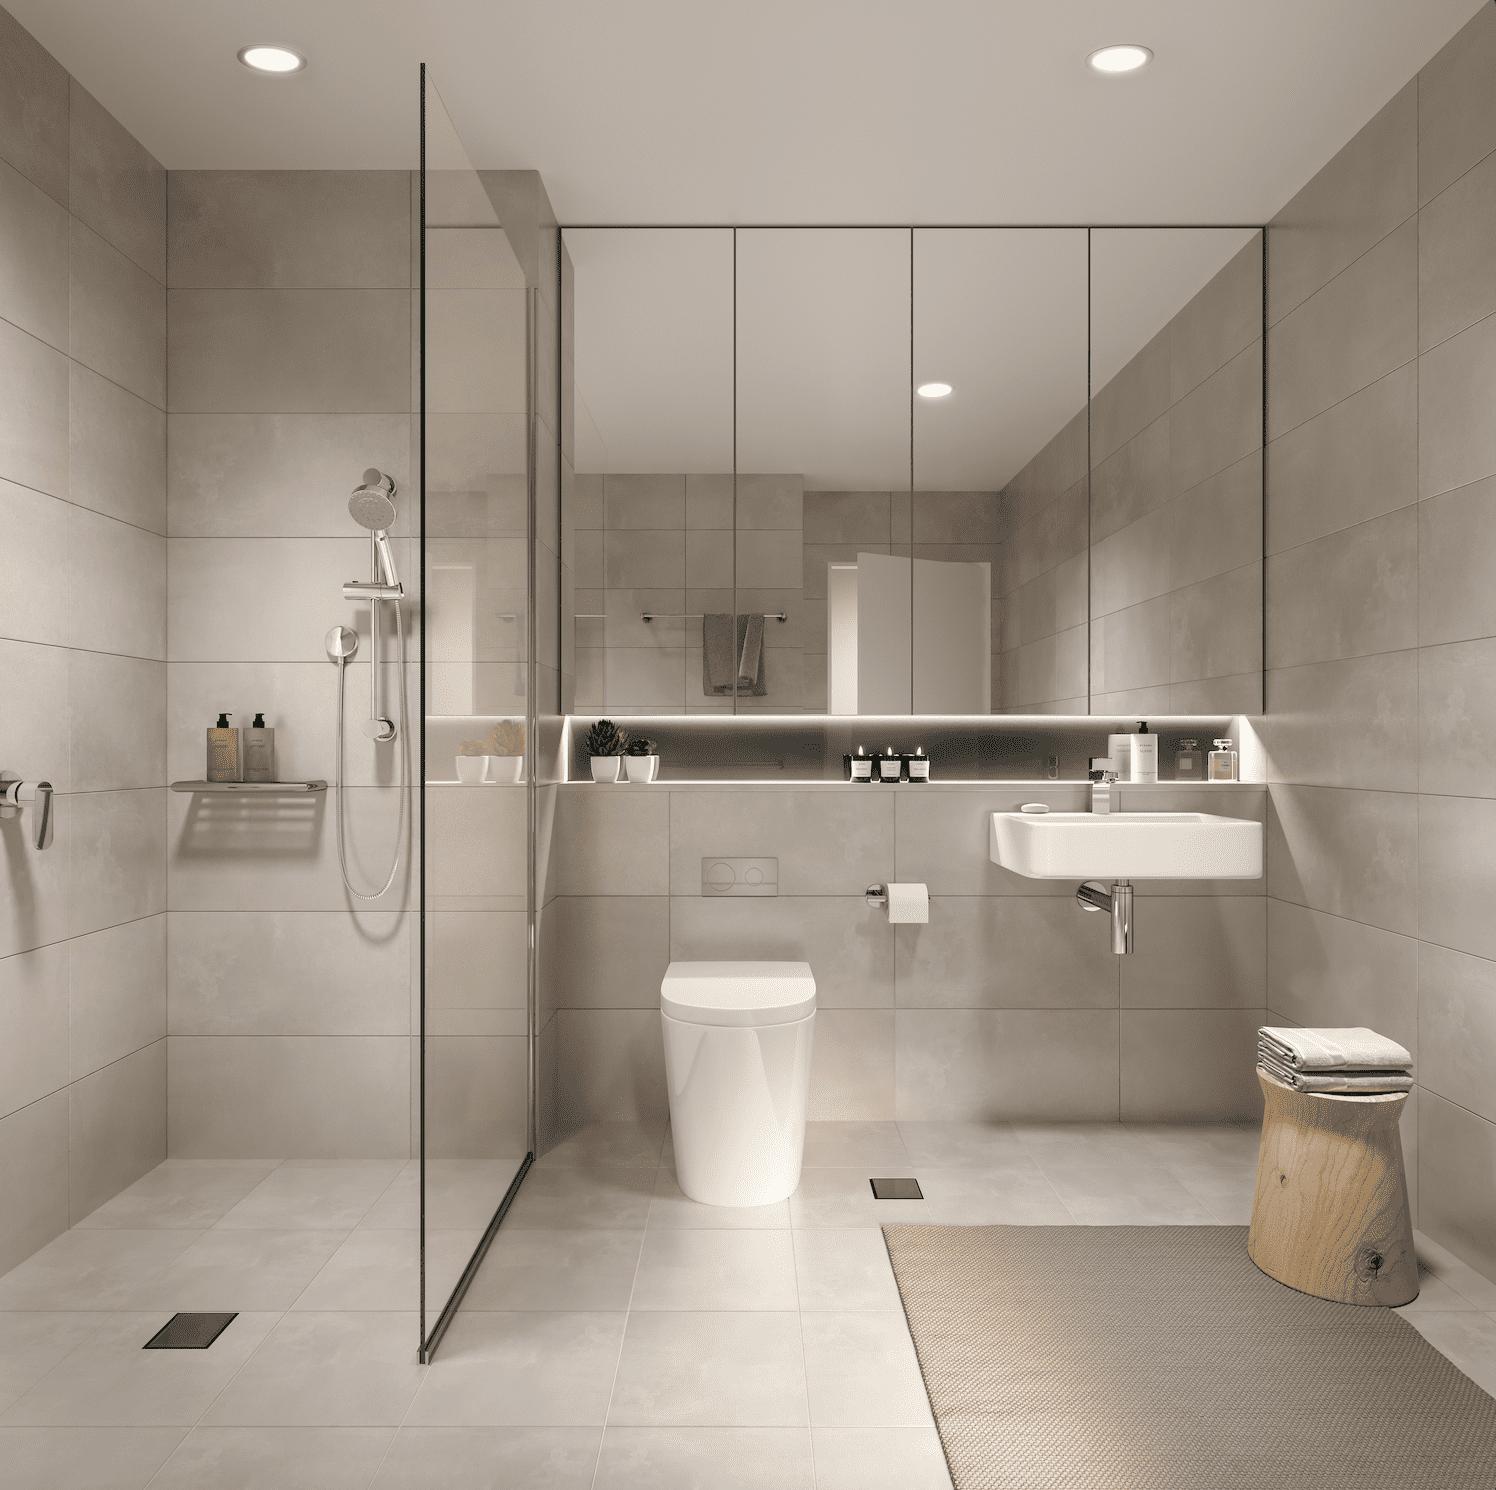 Interior Render - Bathroom